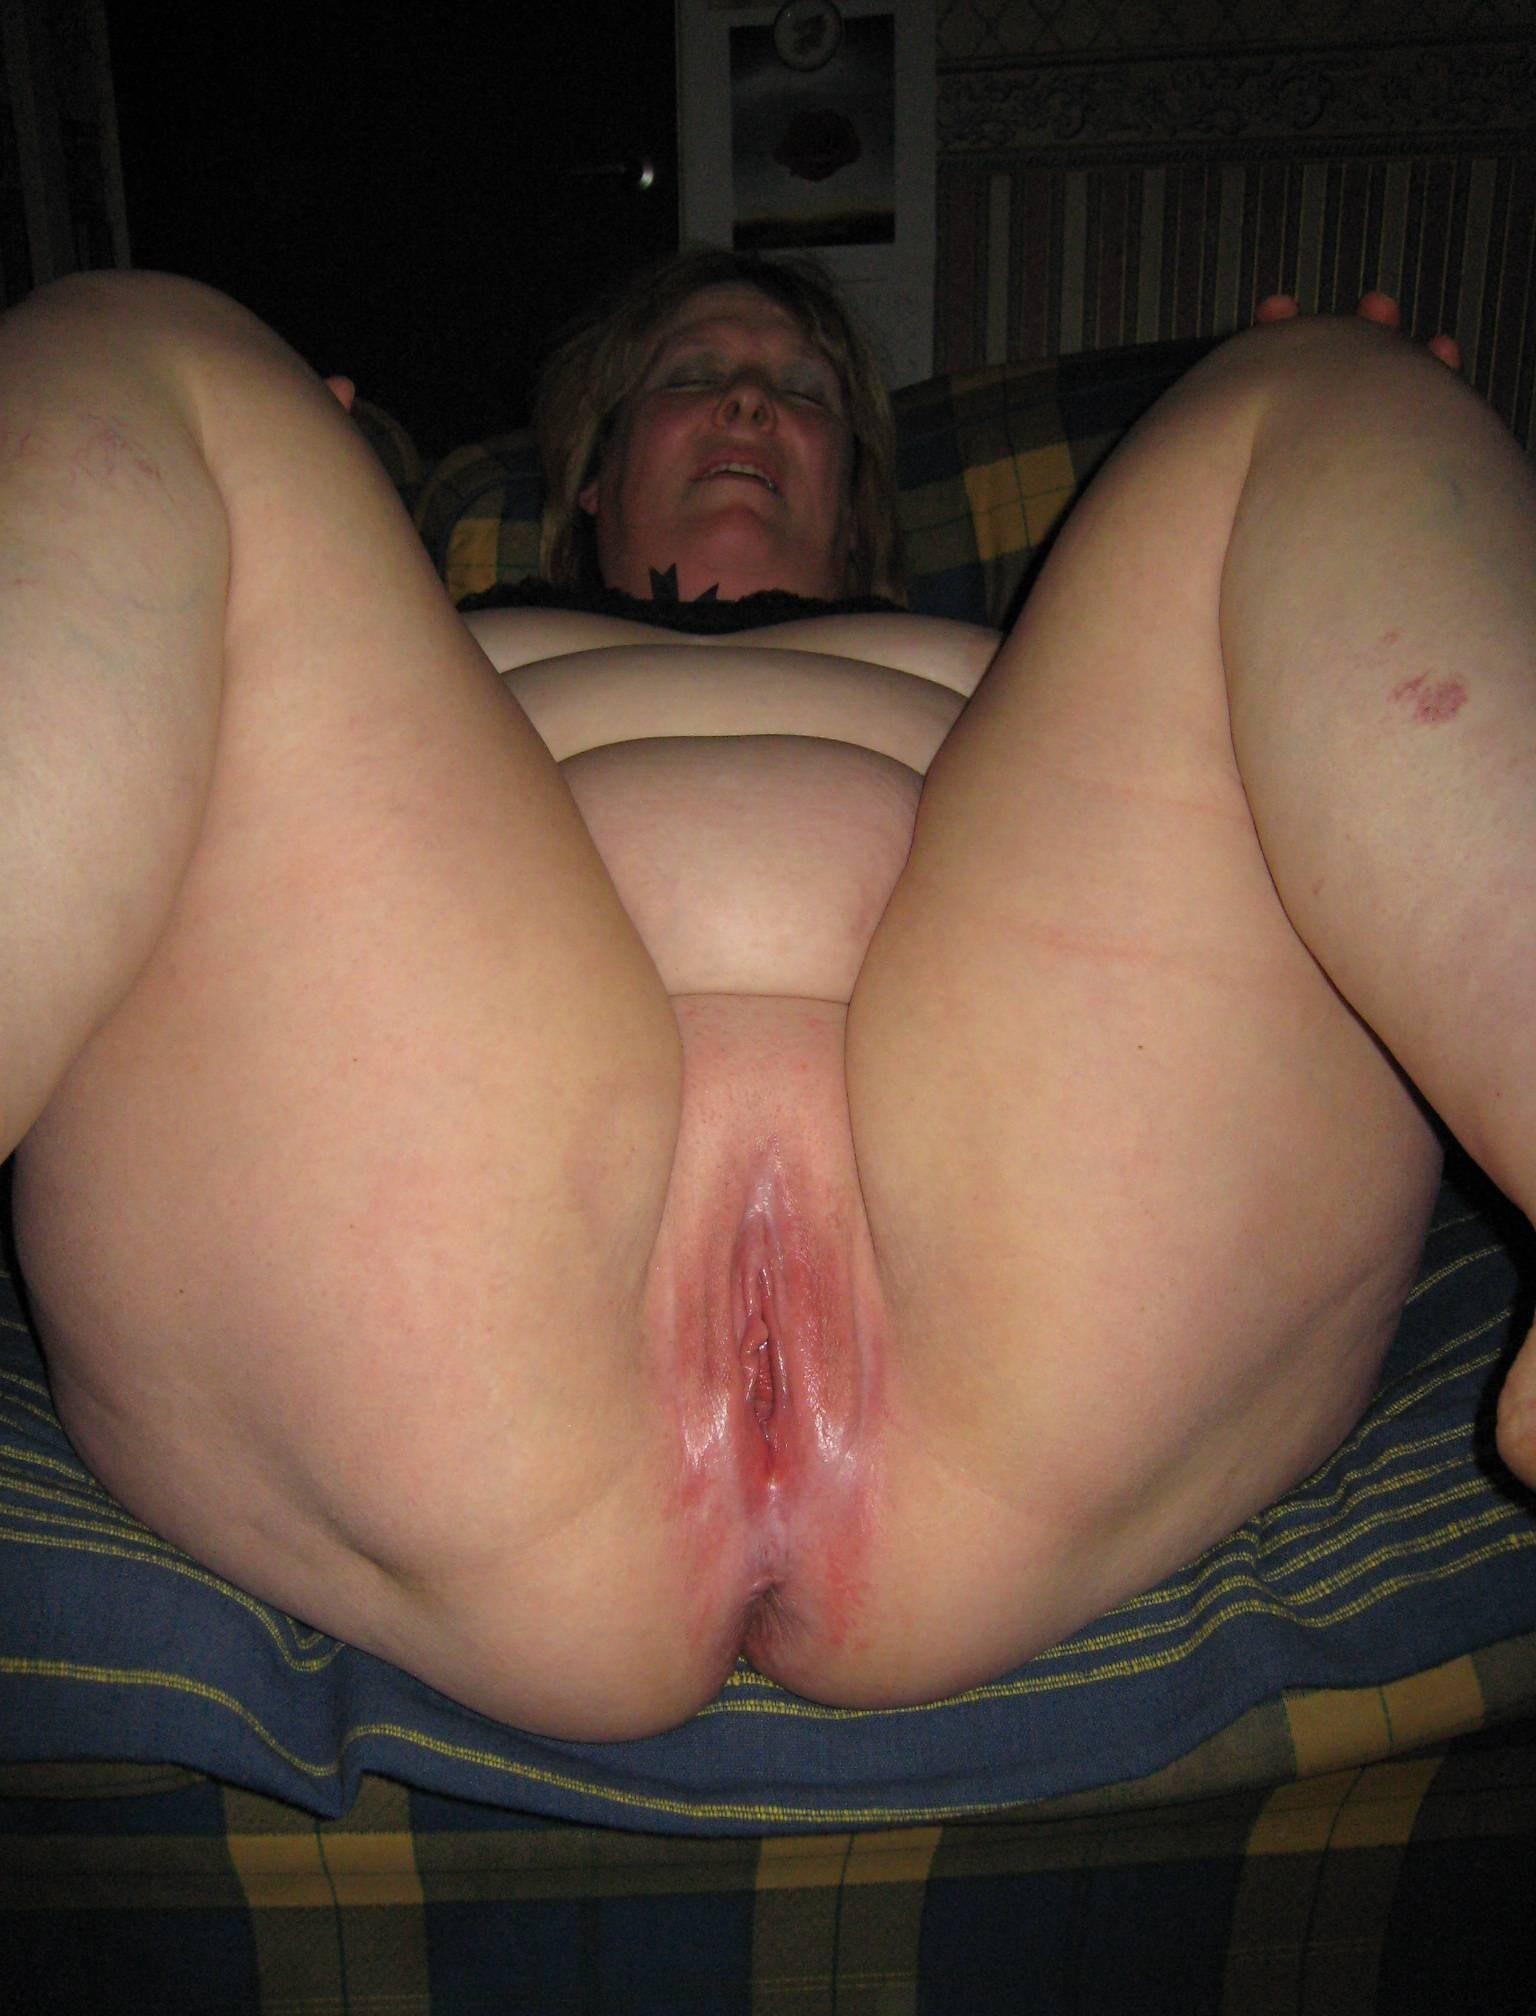 Bbw caught masturbating in public